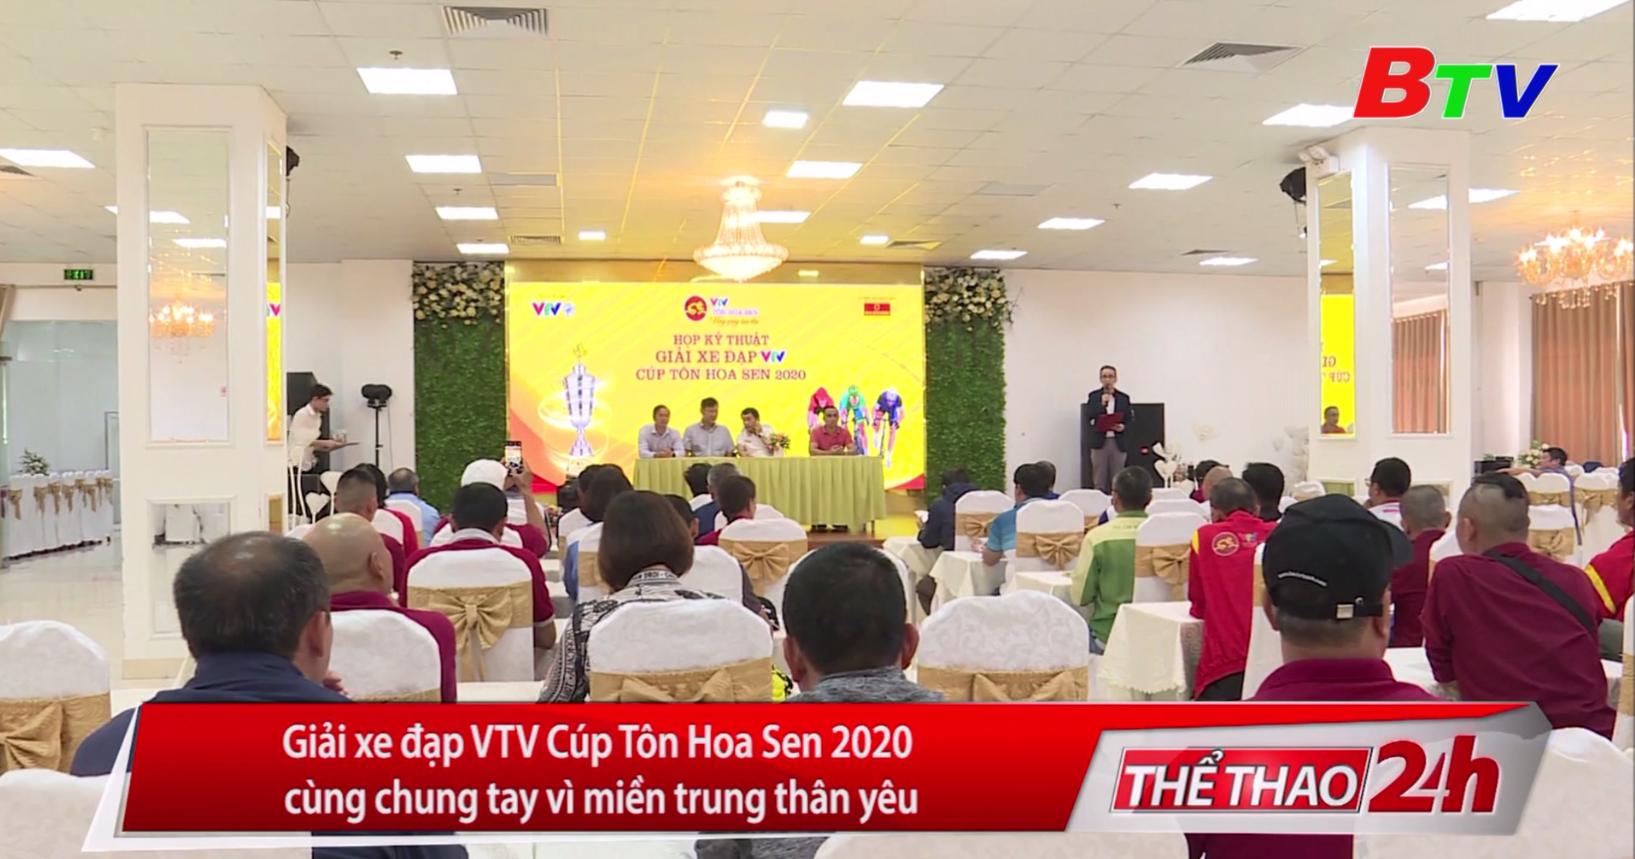 Giải xe đạp VTV Cúp Tôn Hoa Sen 2020 cùng chung tay vì miền Trung thân yêu